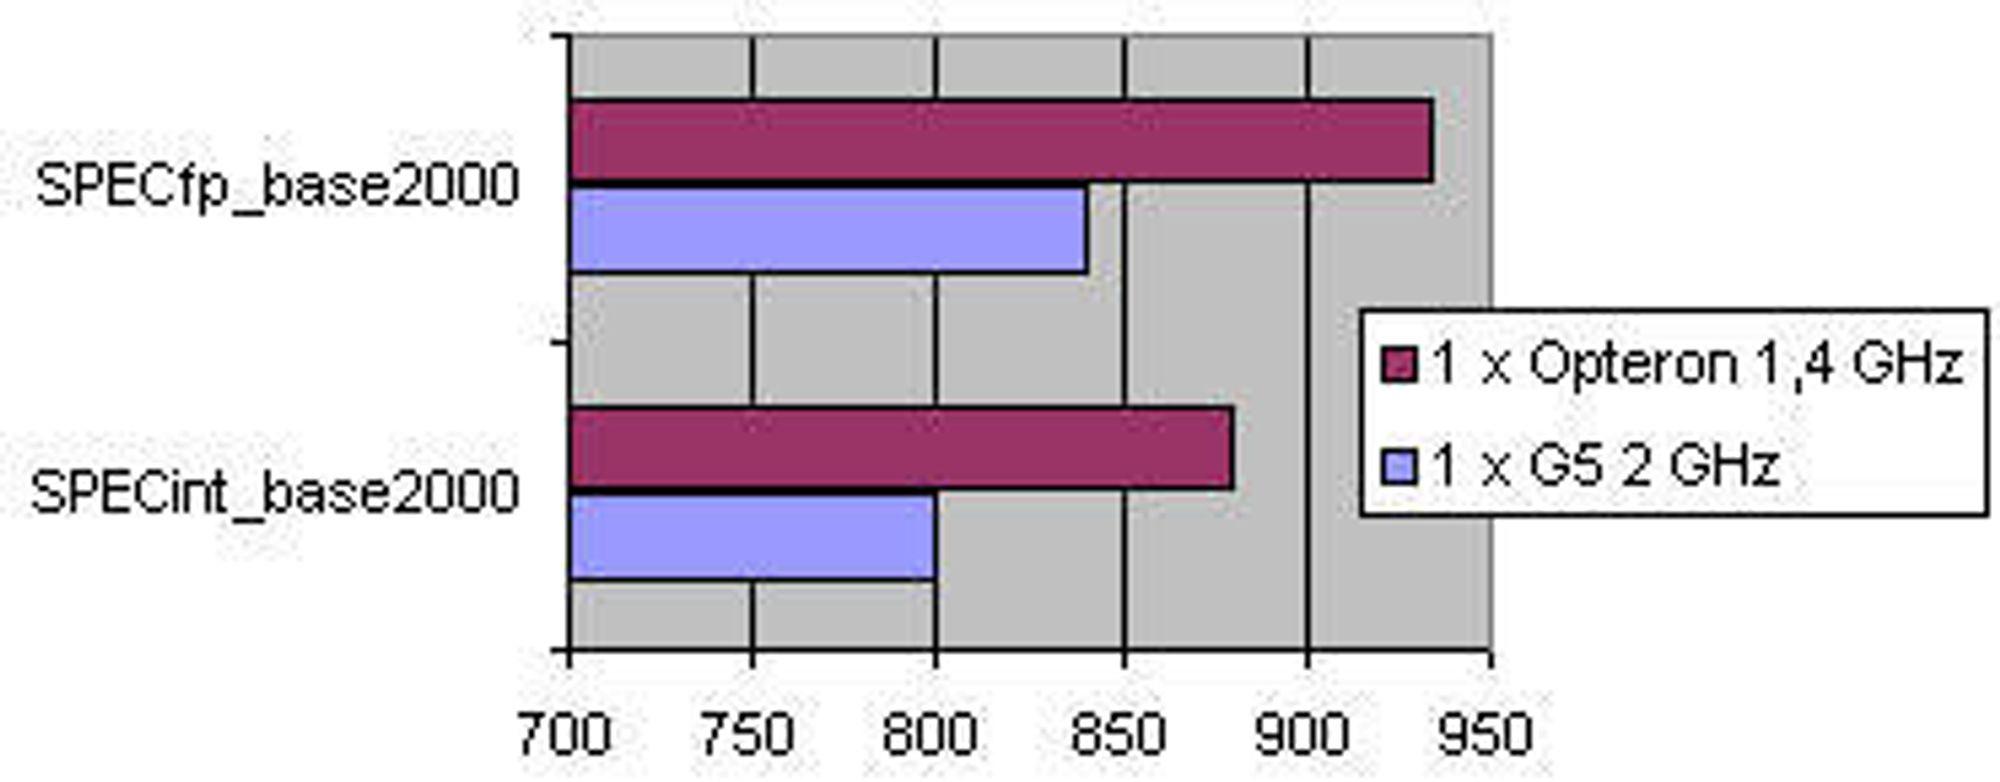 SPECint_base2000 og SPECfp_base2000 utført på maskiner med én prosessor. Opteron-maskinen var utstyrt med 2 GB minne, G5-maskinen 1,5 GB med minne.